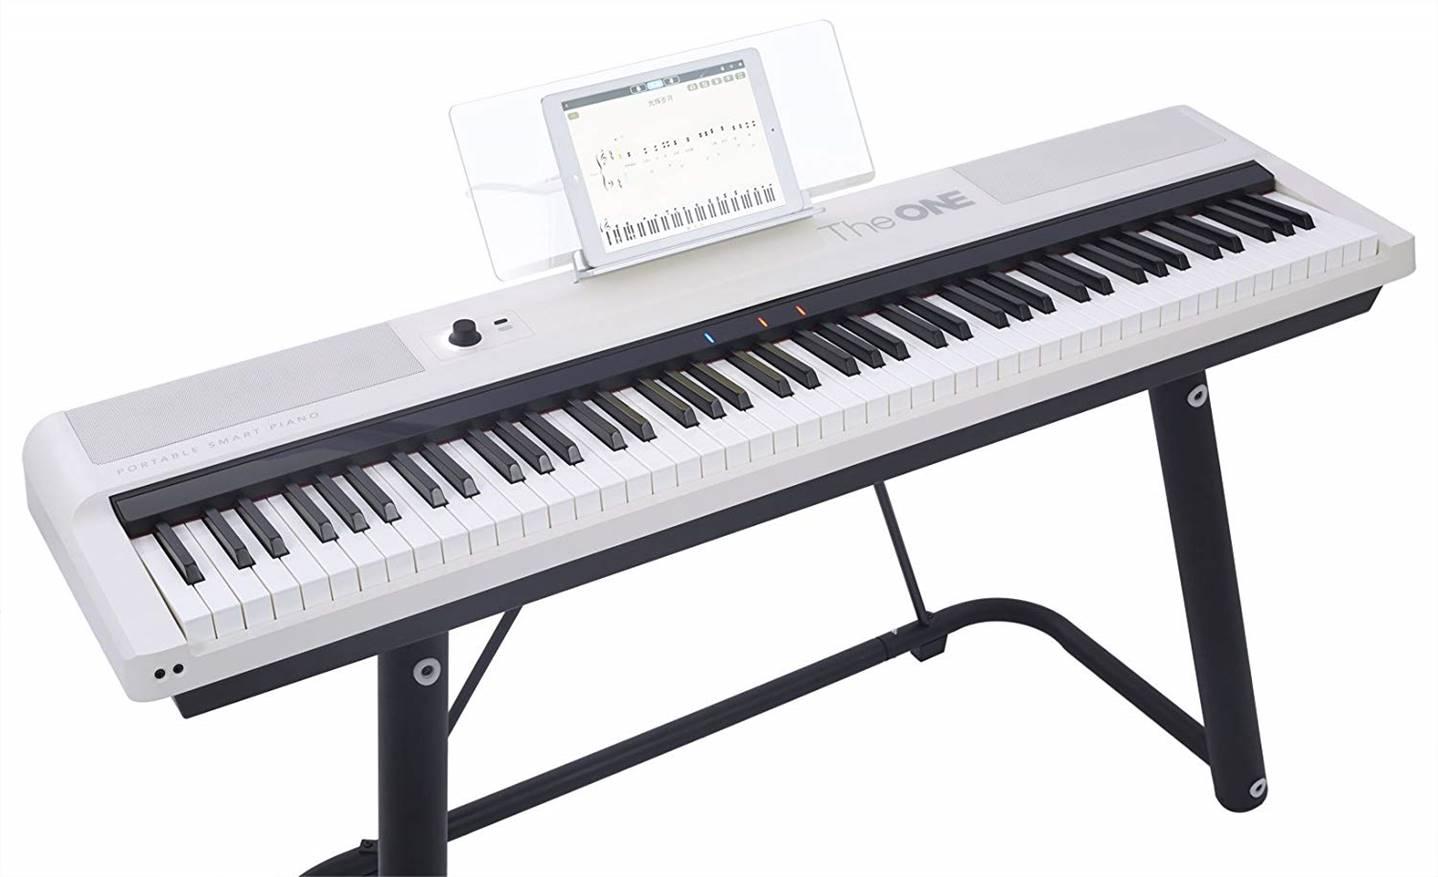 ONE Smart 88 Key Keyboard